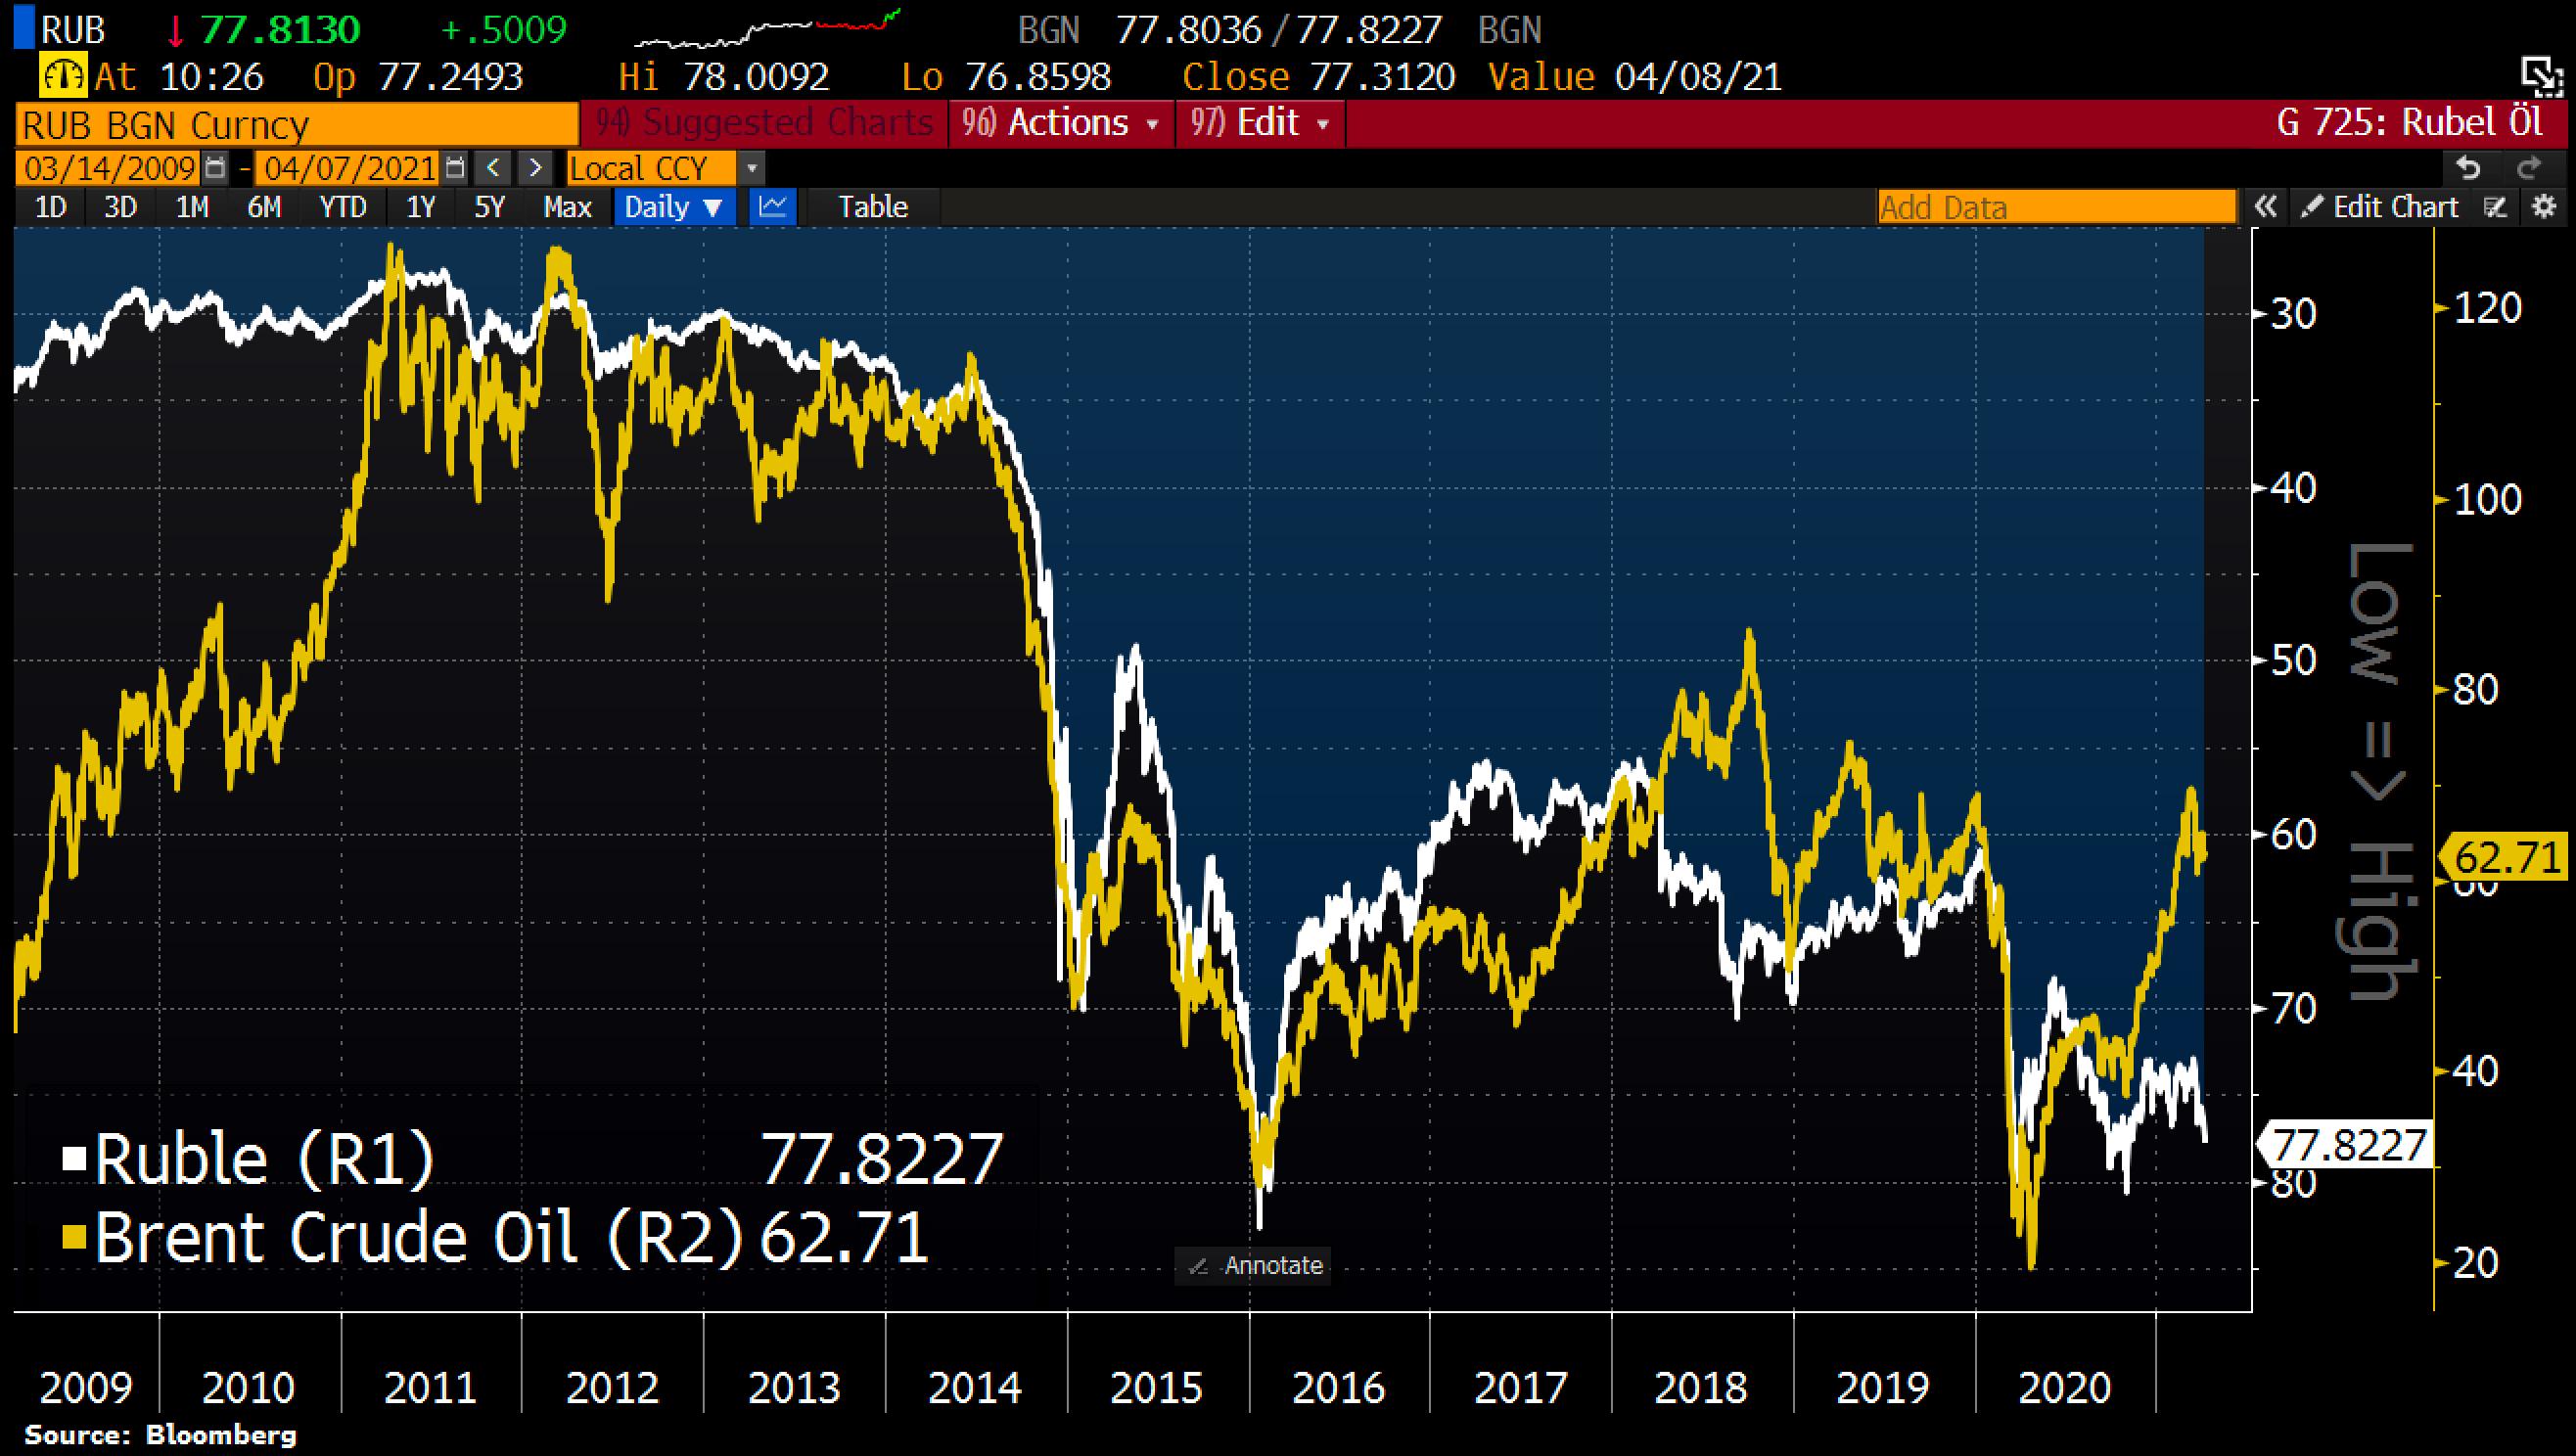 Russian Ruble (RUB) vs. Oil